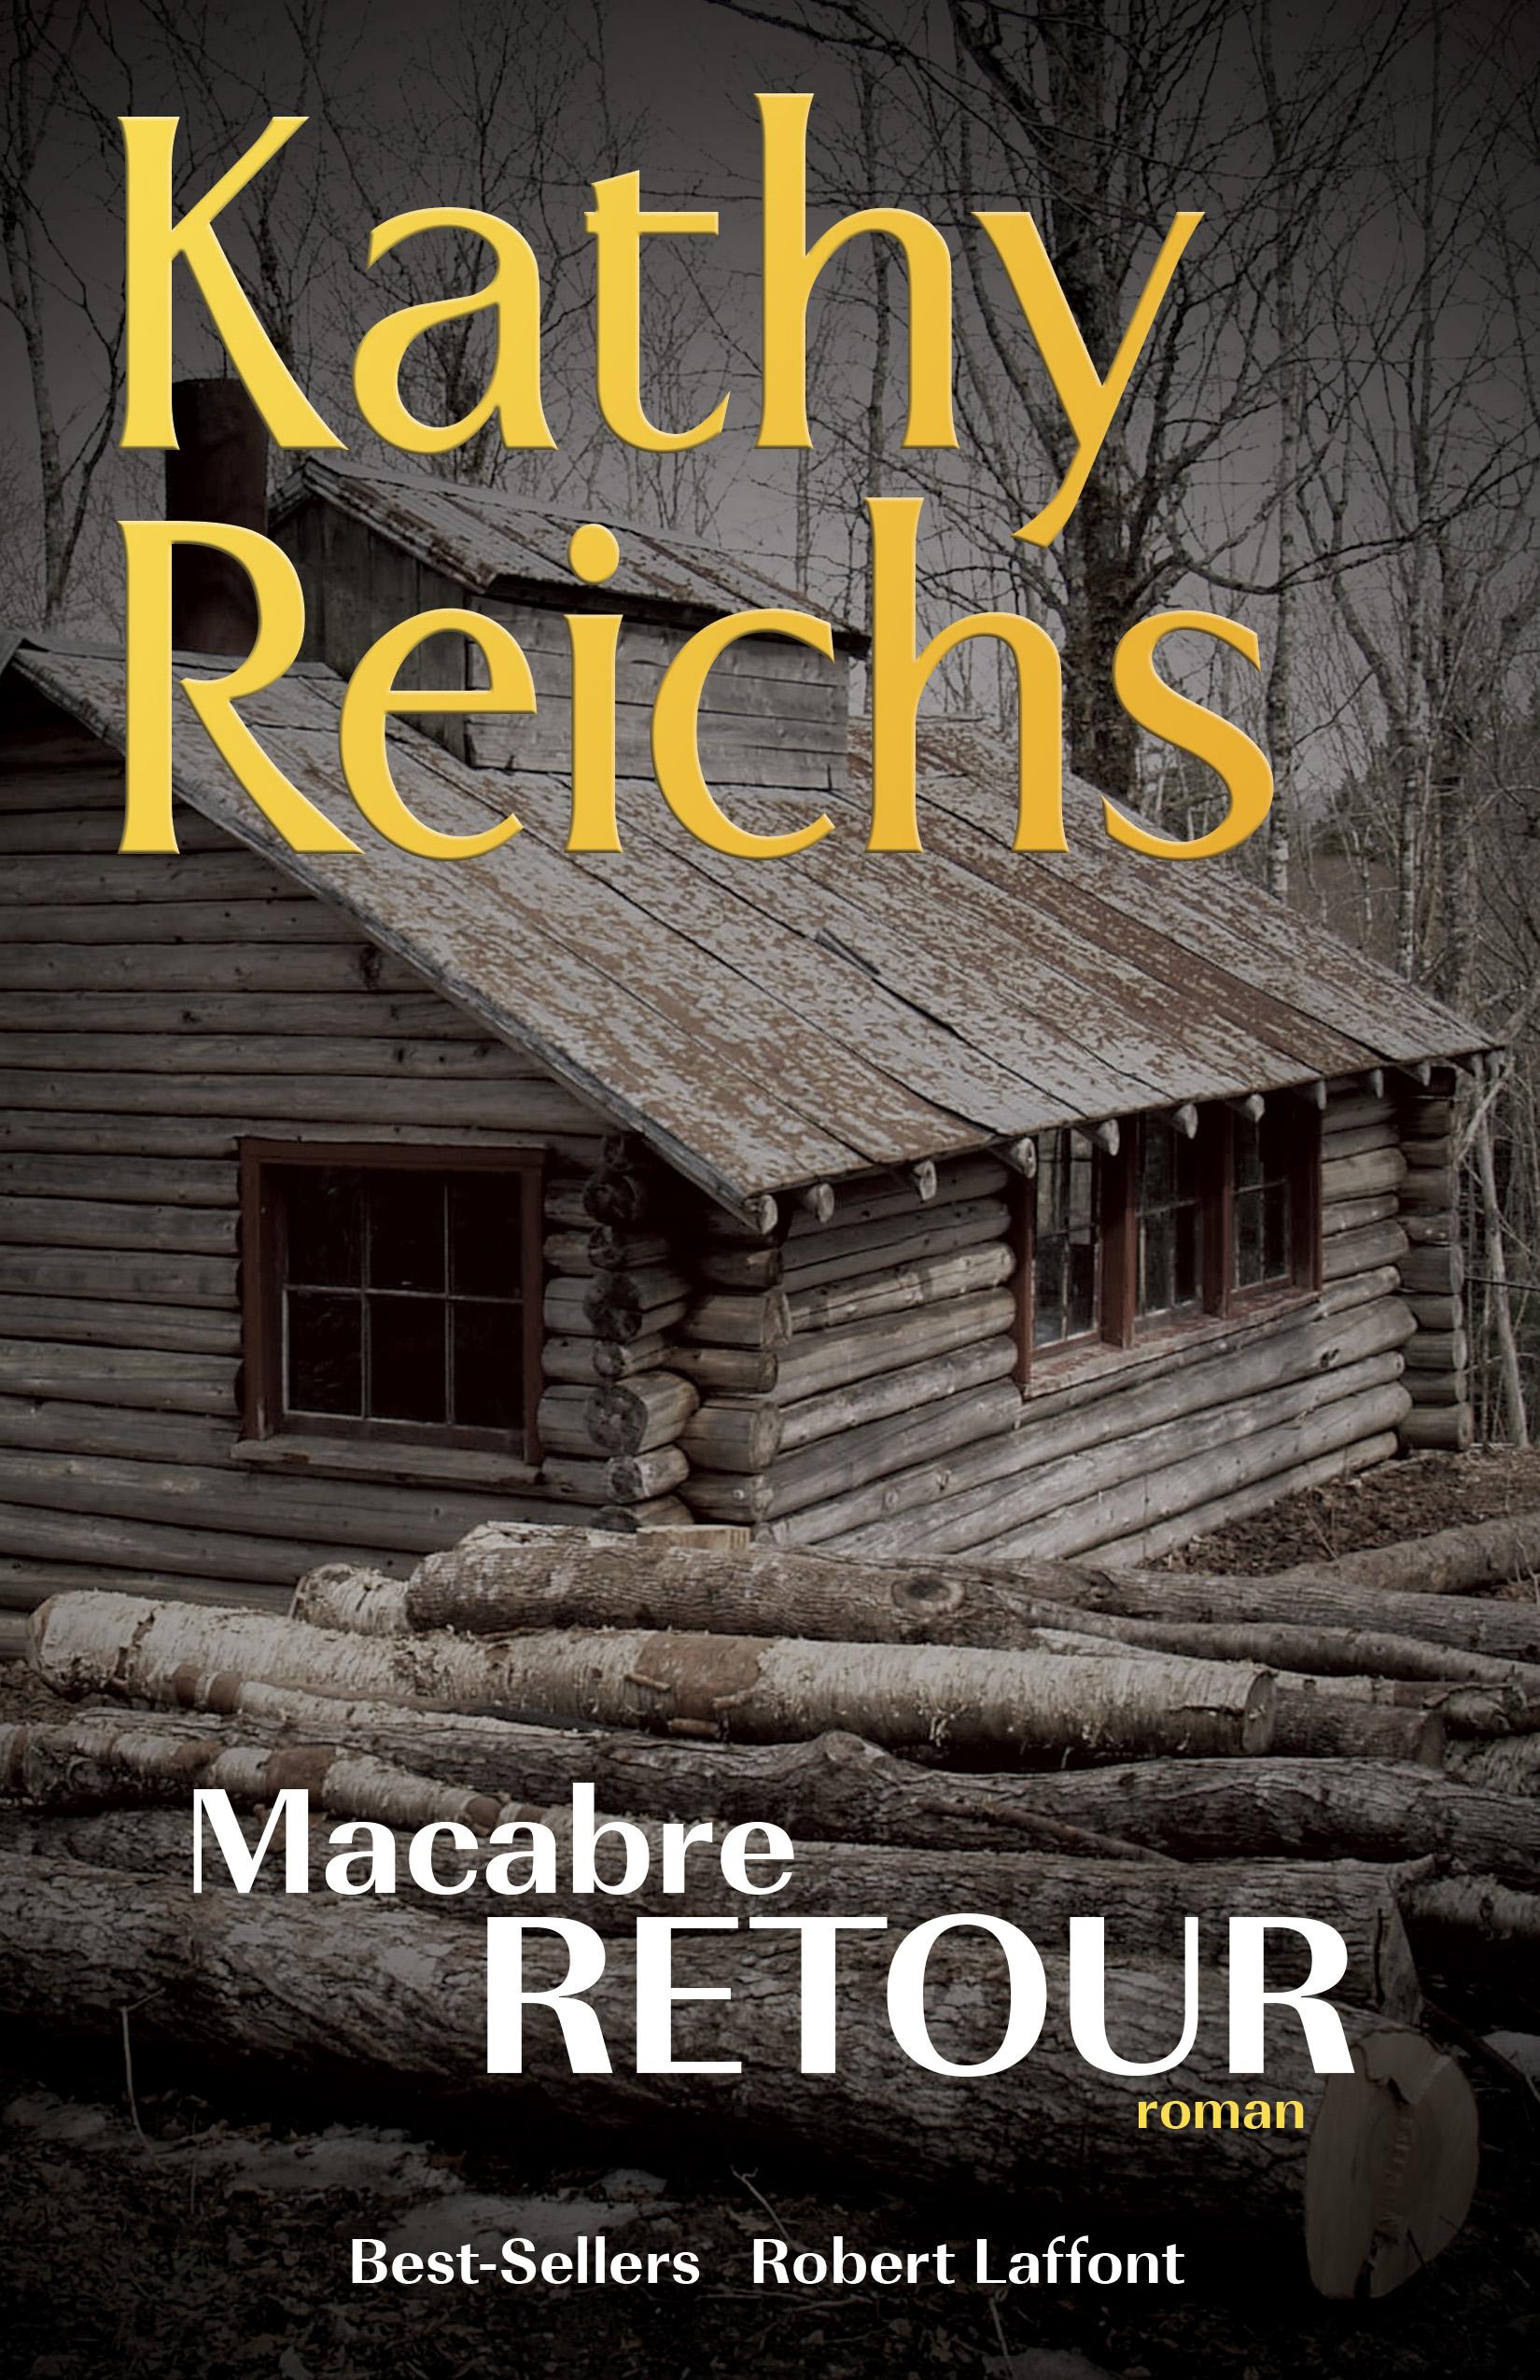 Le nouveau roman de Kathy Reichs maintenant en librairie!